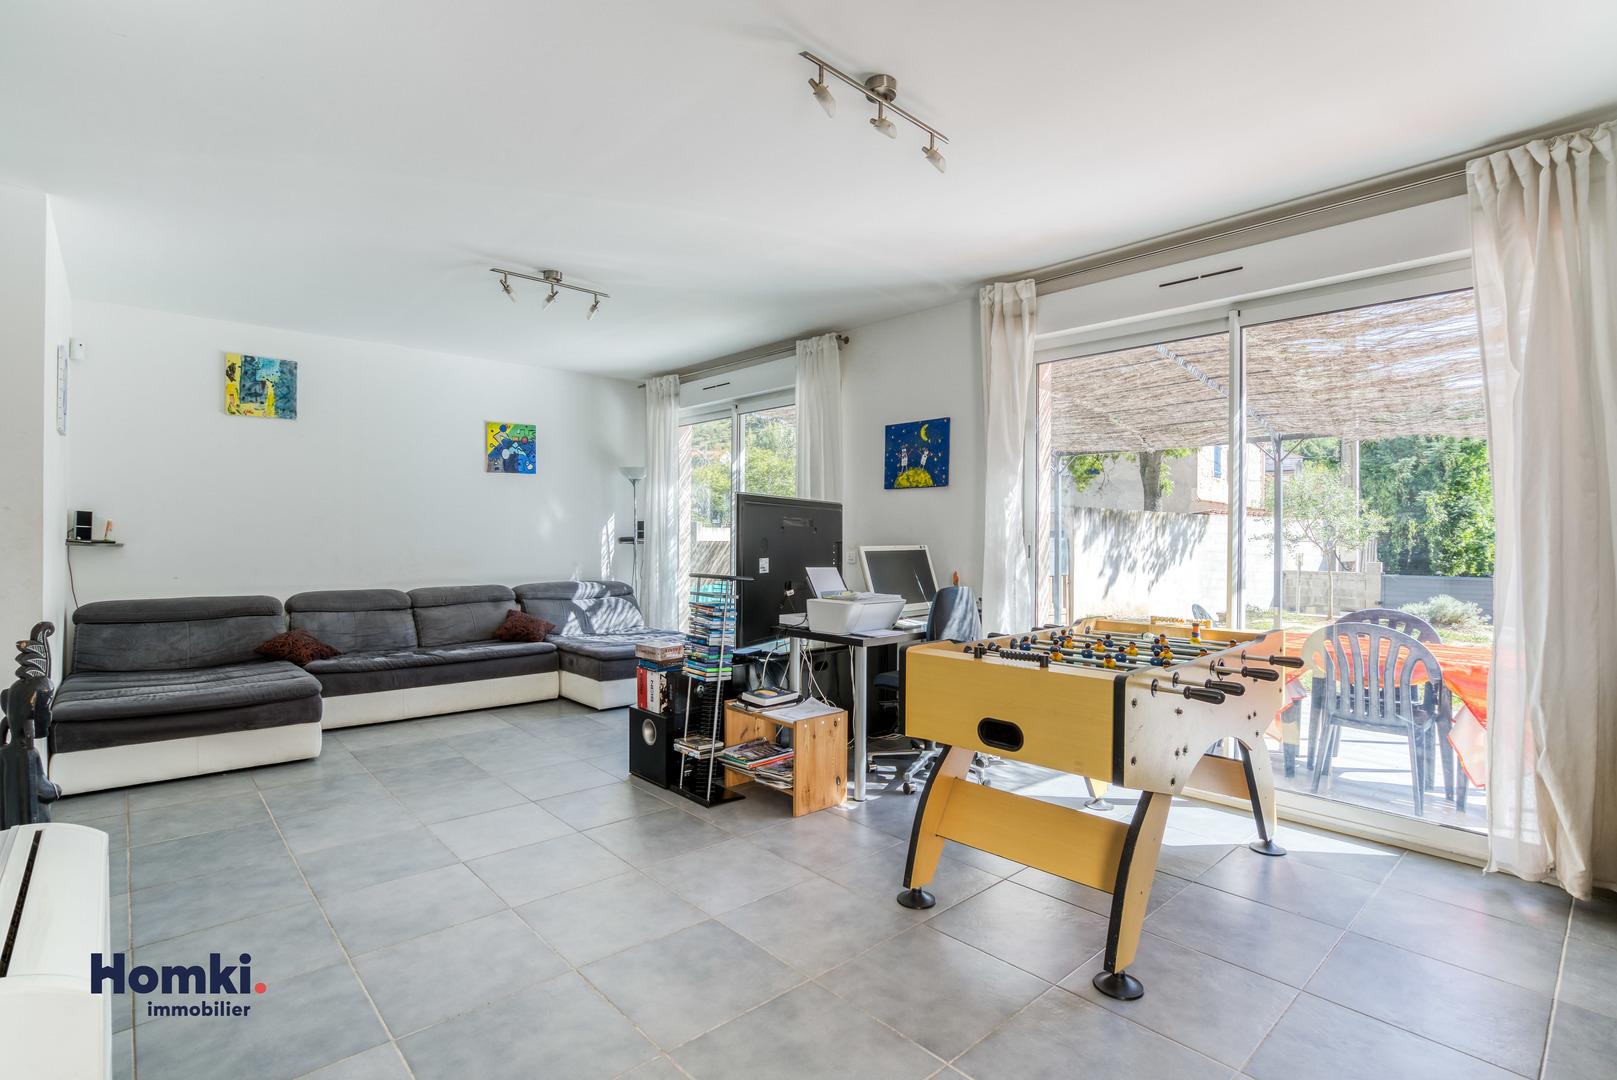 Vente maison 122m² T4 13009_2